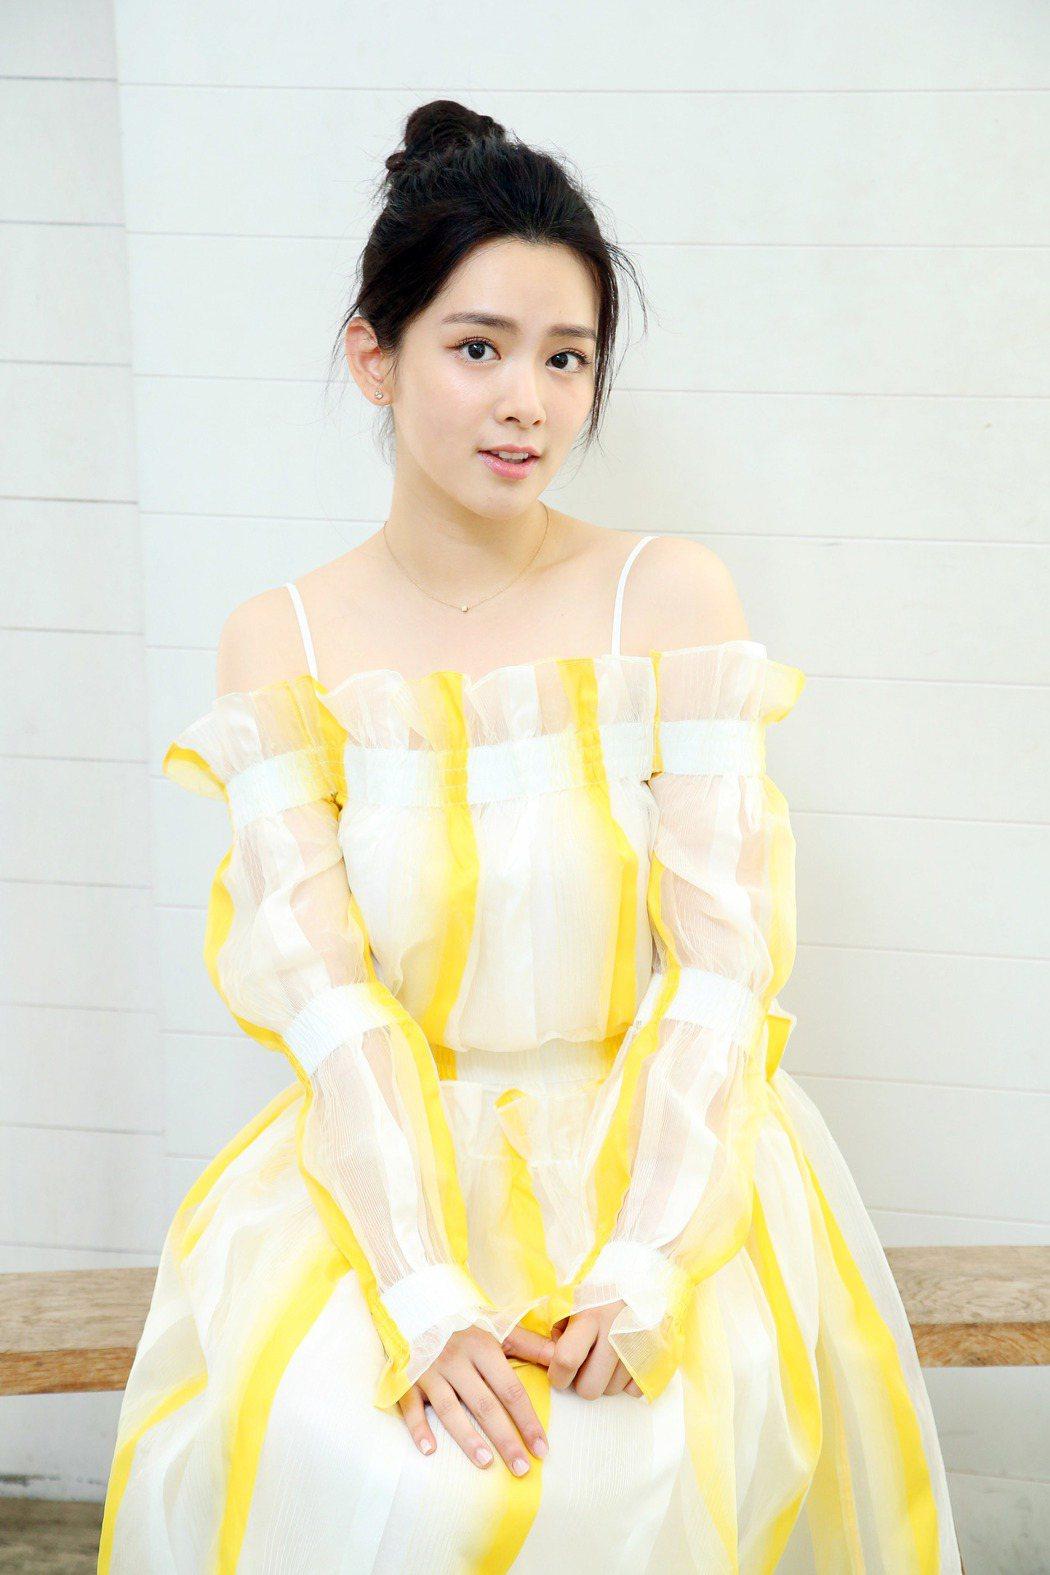 陳昊宇。記者陳瑞源/攝影